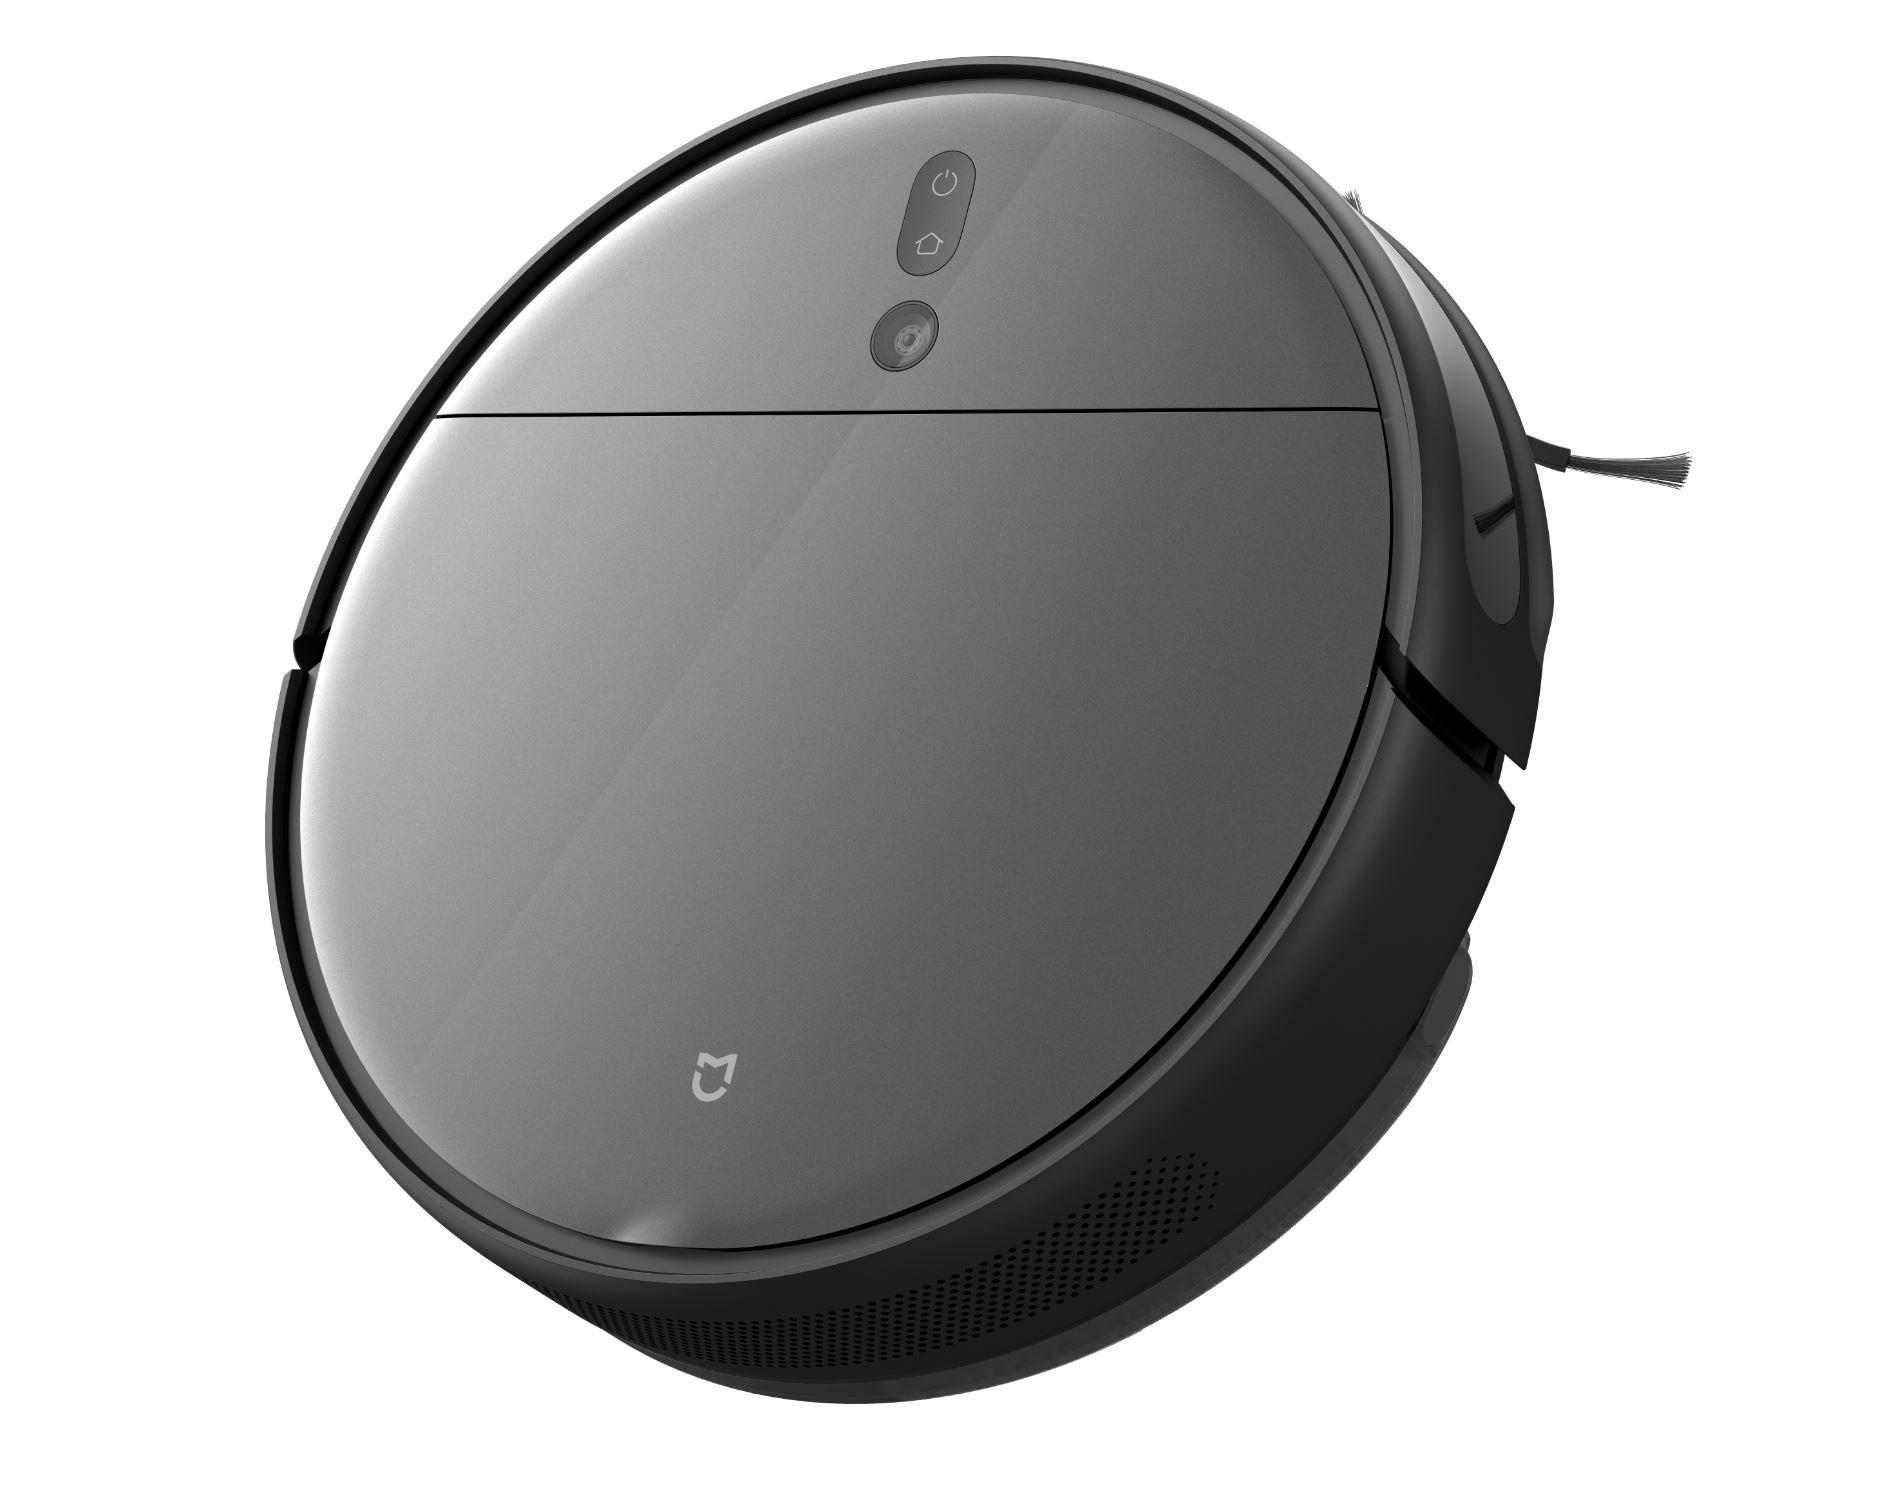 Xiaomi Mi Robot Vacuum Mop 2 Pro + - nowy robot sprzątający od Xiaomi